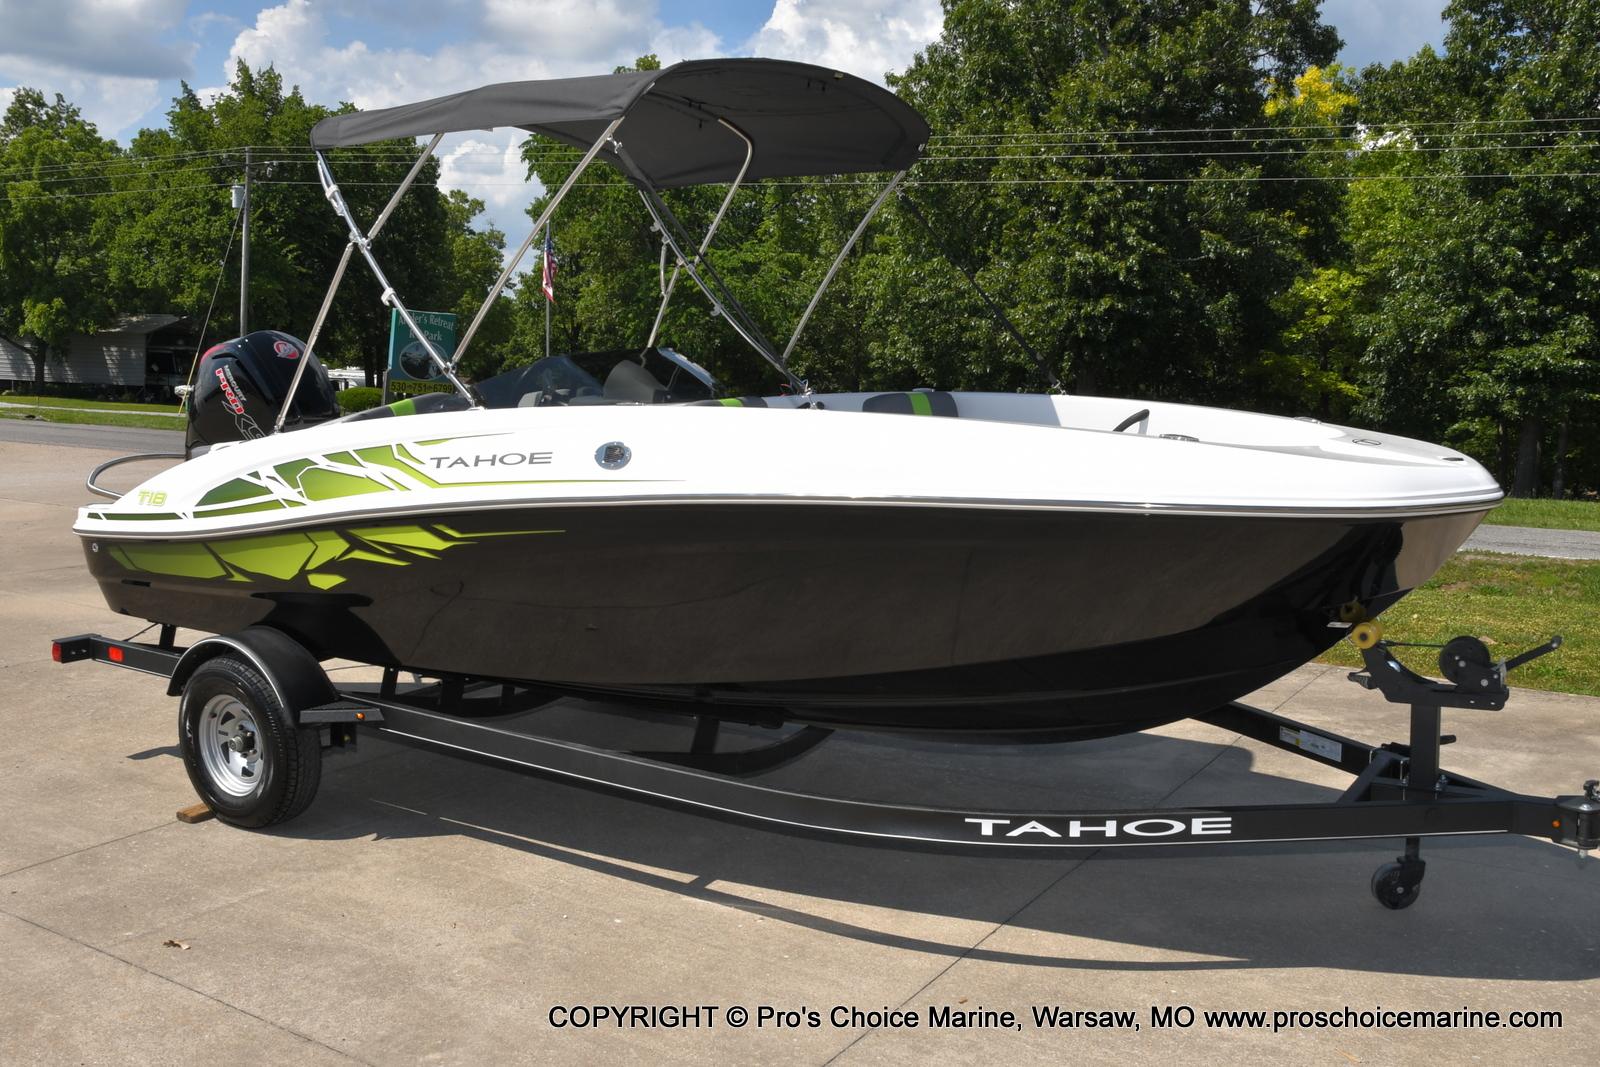 2022 TAHOE T18 W/115HP MERCURY PRO XS 4 STROKE for sale